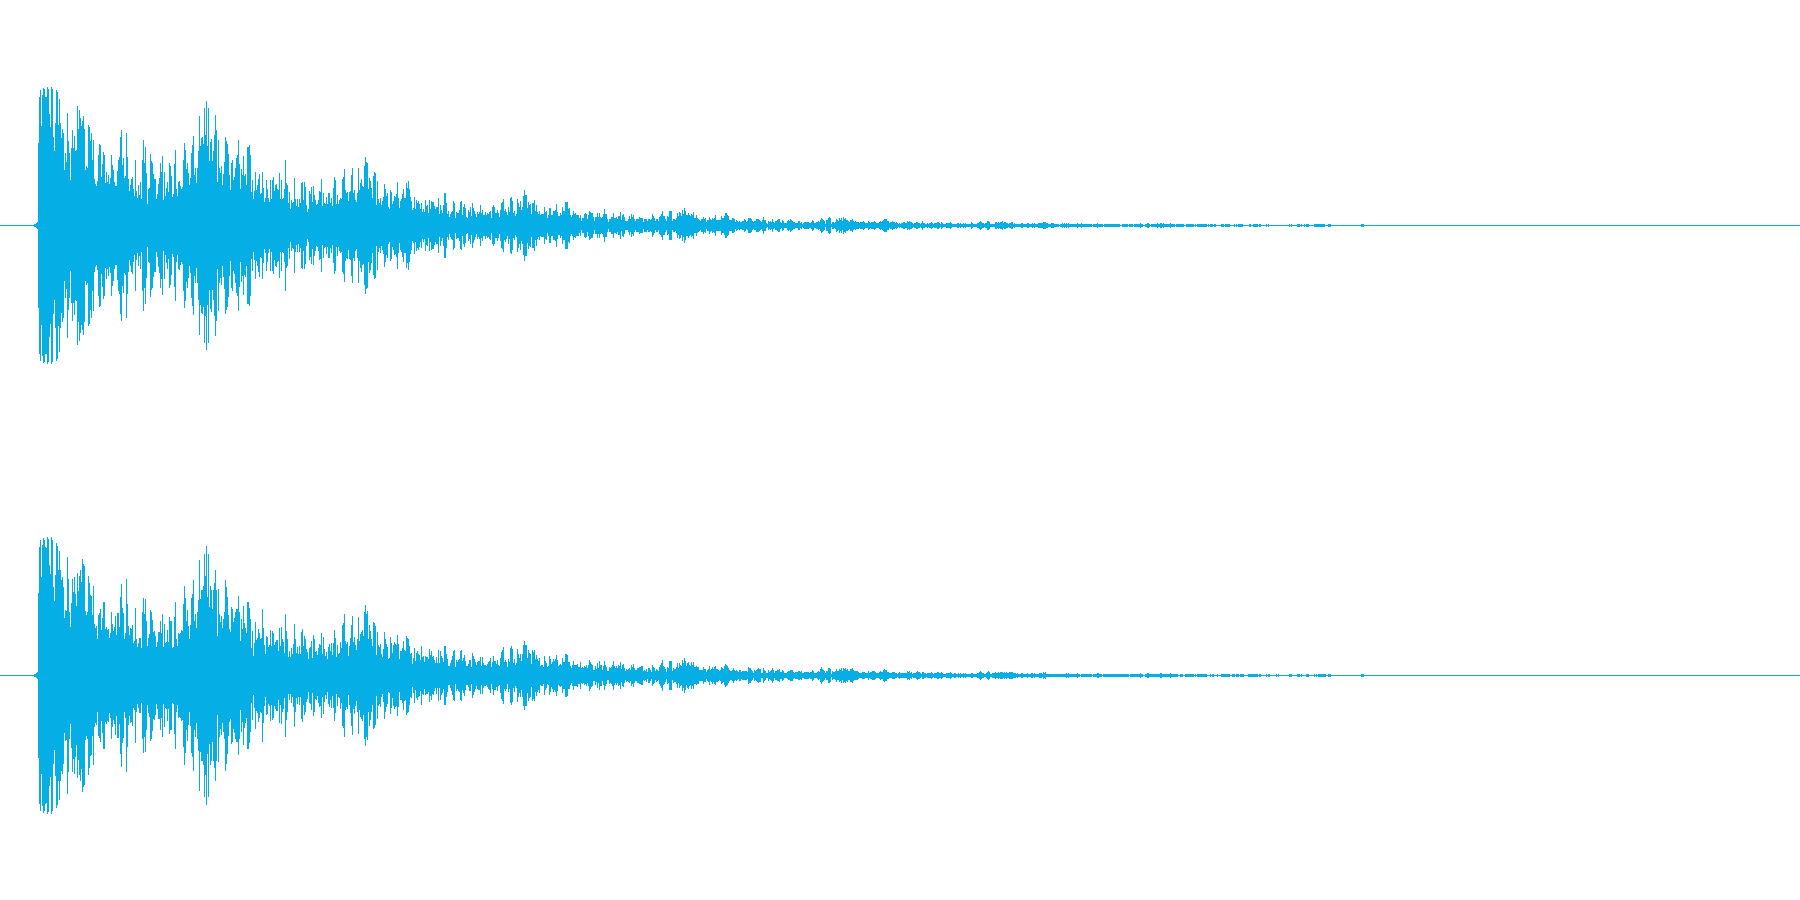 【衝撃06-2】の再生済みの波形